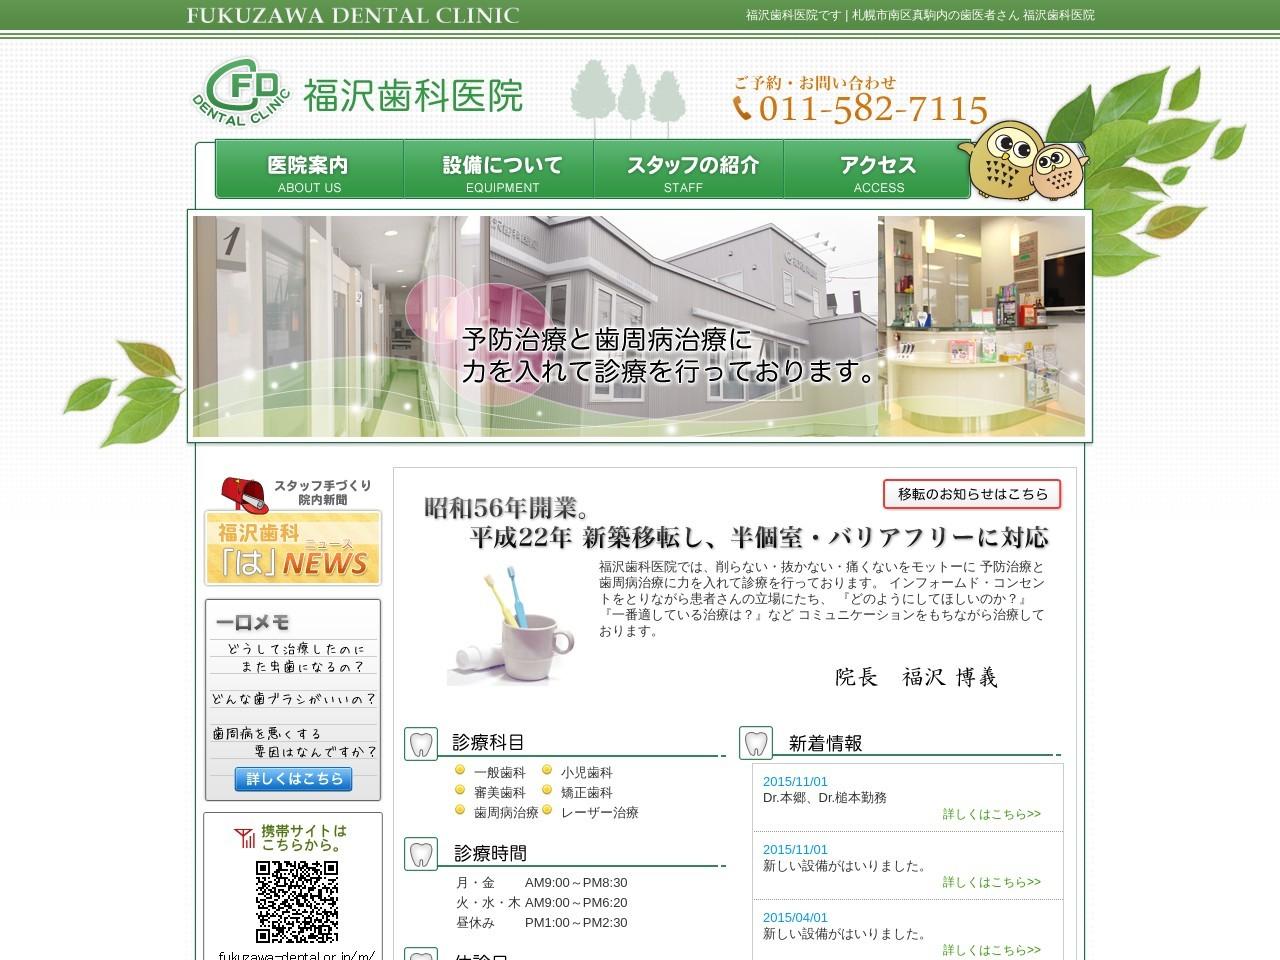 福沢歯科医院 (北海道札幌市南区)